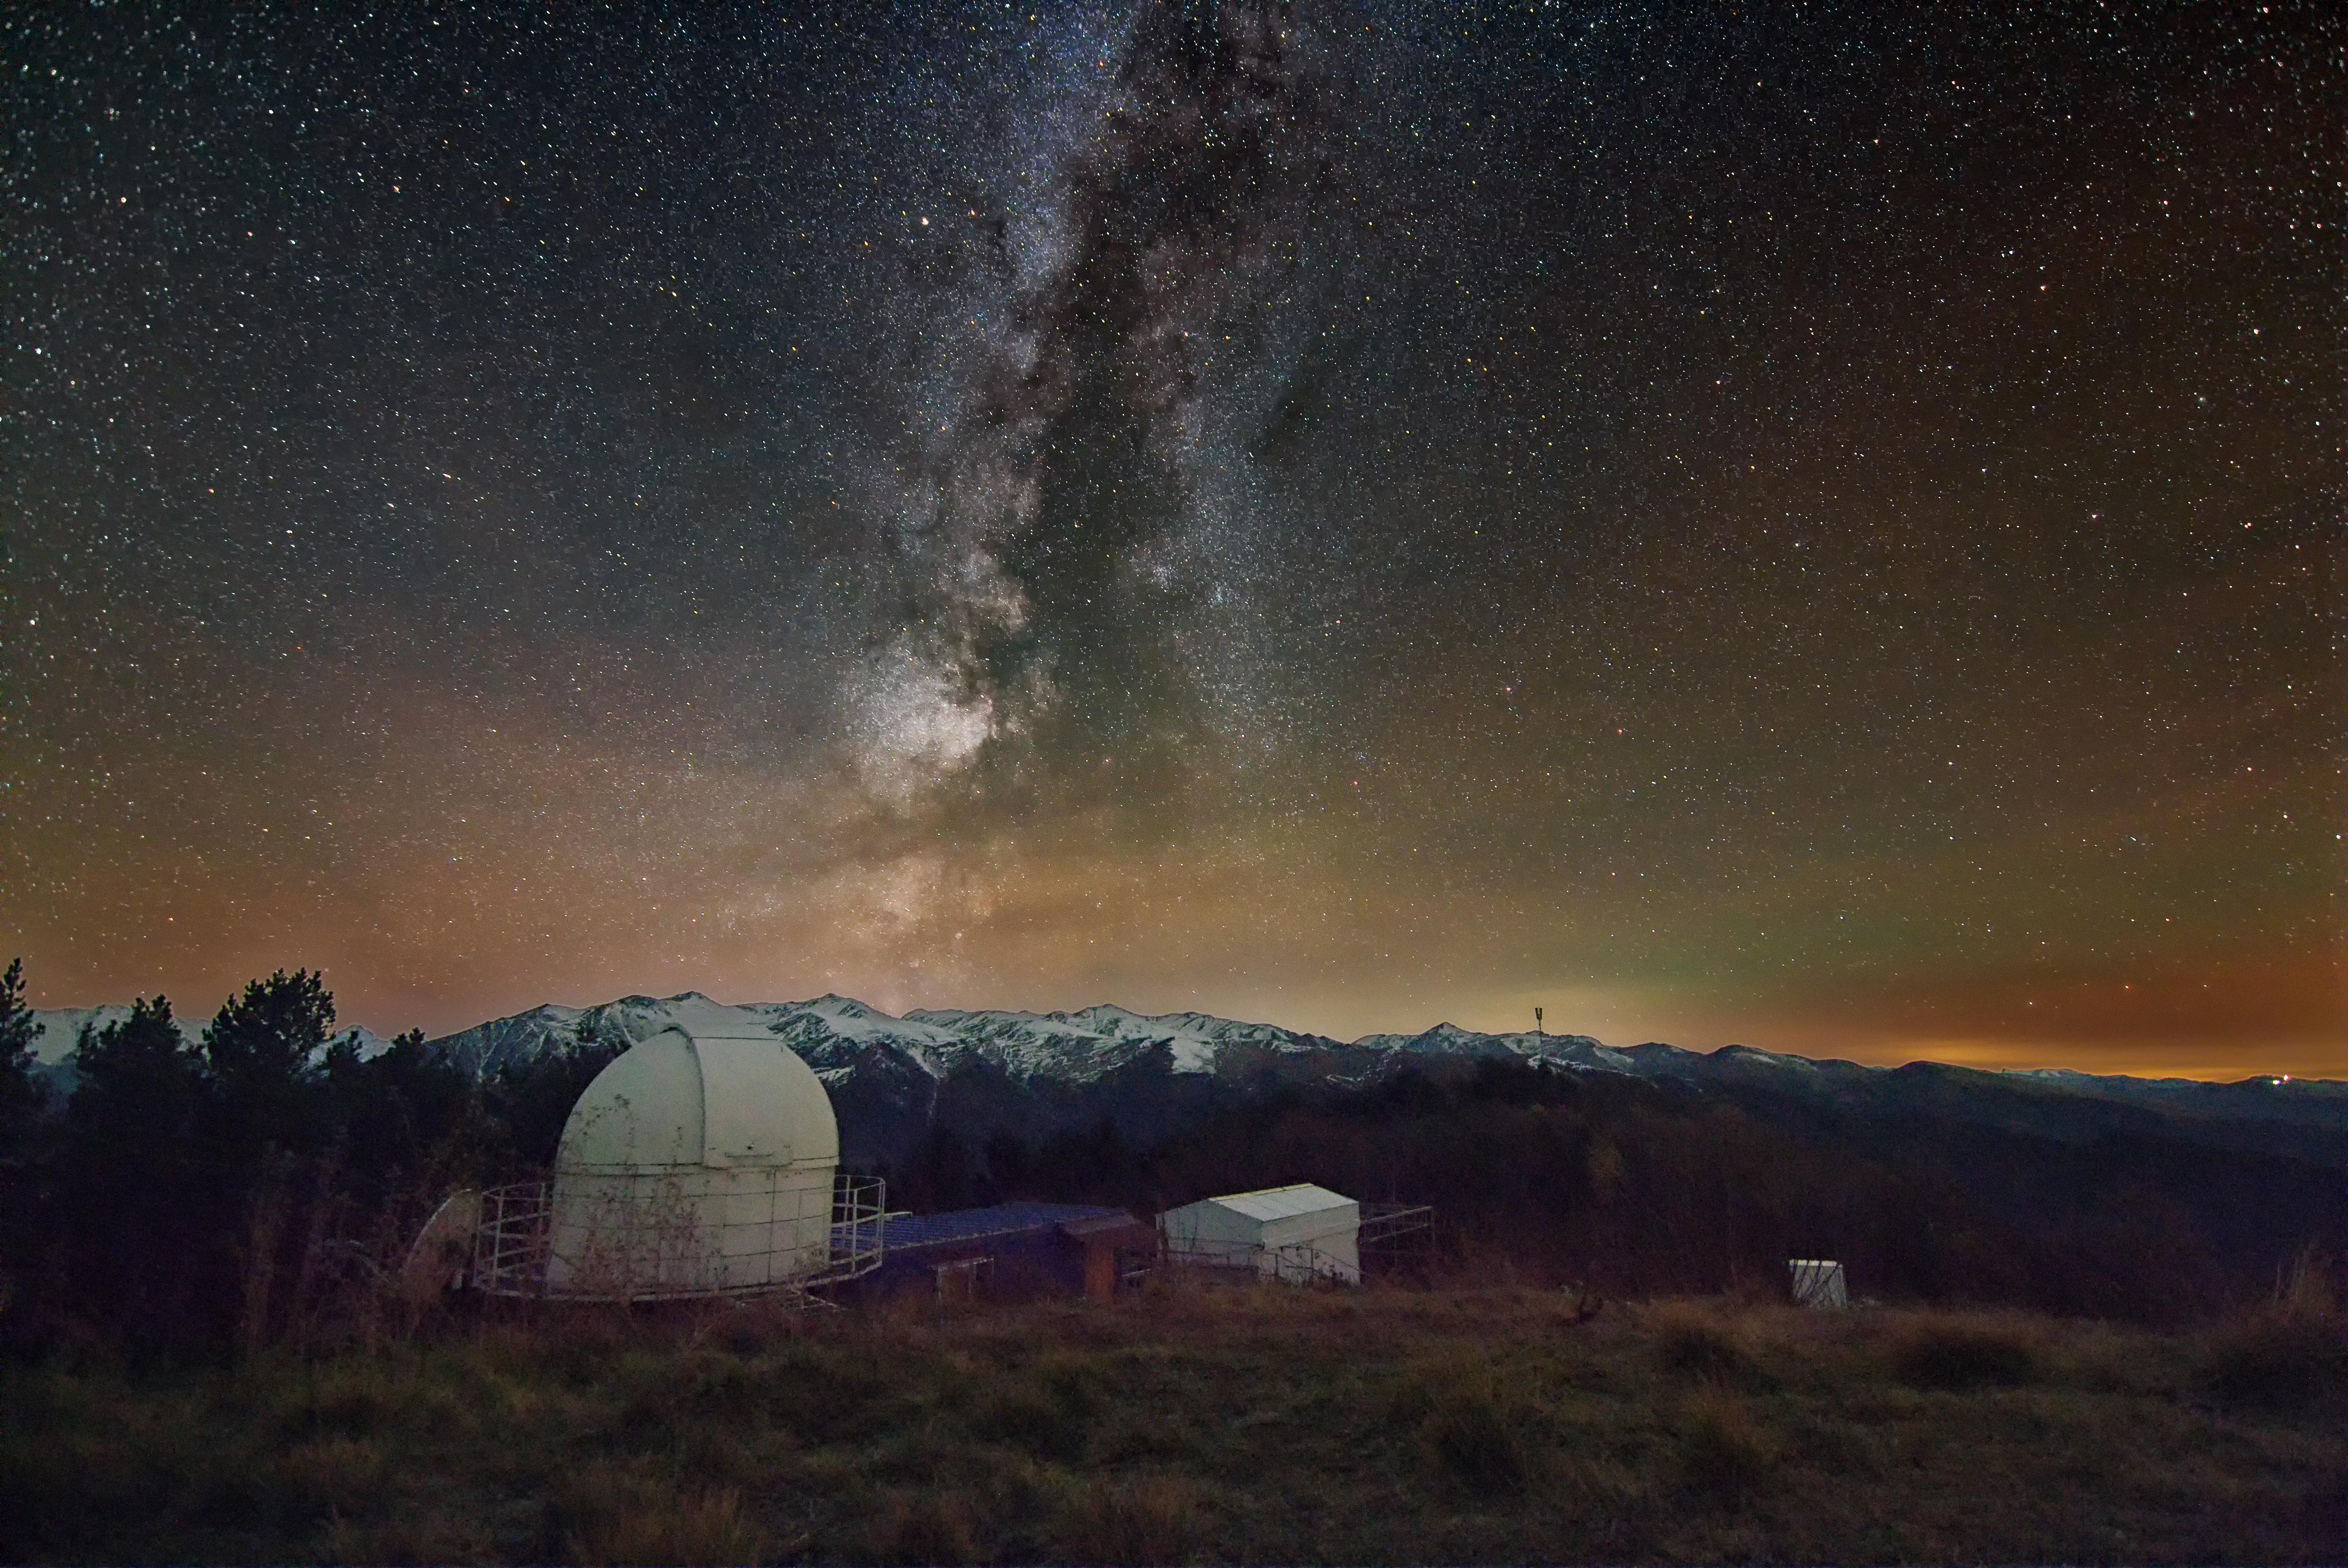 Астрономическая станция ТАУ научного центра «Ка-Дар» (астроферма «Астроверты»), Нижний Архыз.